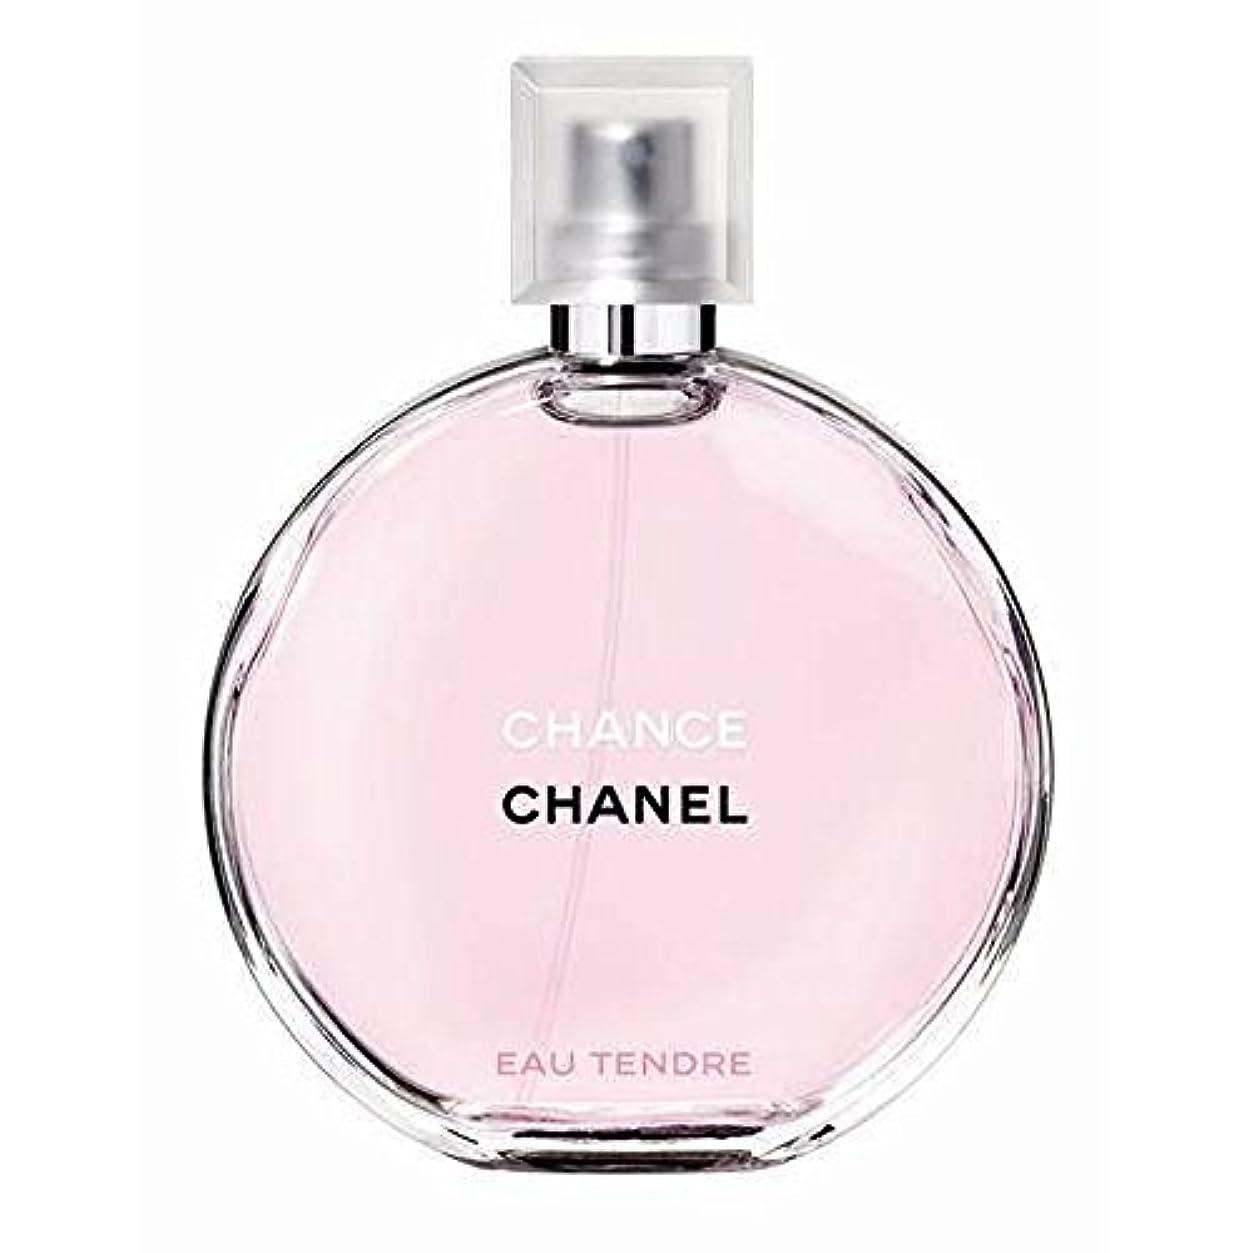 注入本穴[箱つぶれ]CHANEL 香水 シャネル チャンス オータンドゥル オードトワレ 150ml EDT SP [並行輸入品]